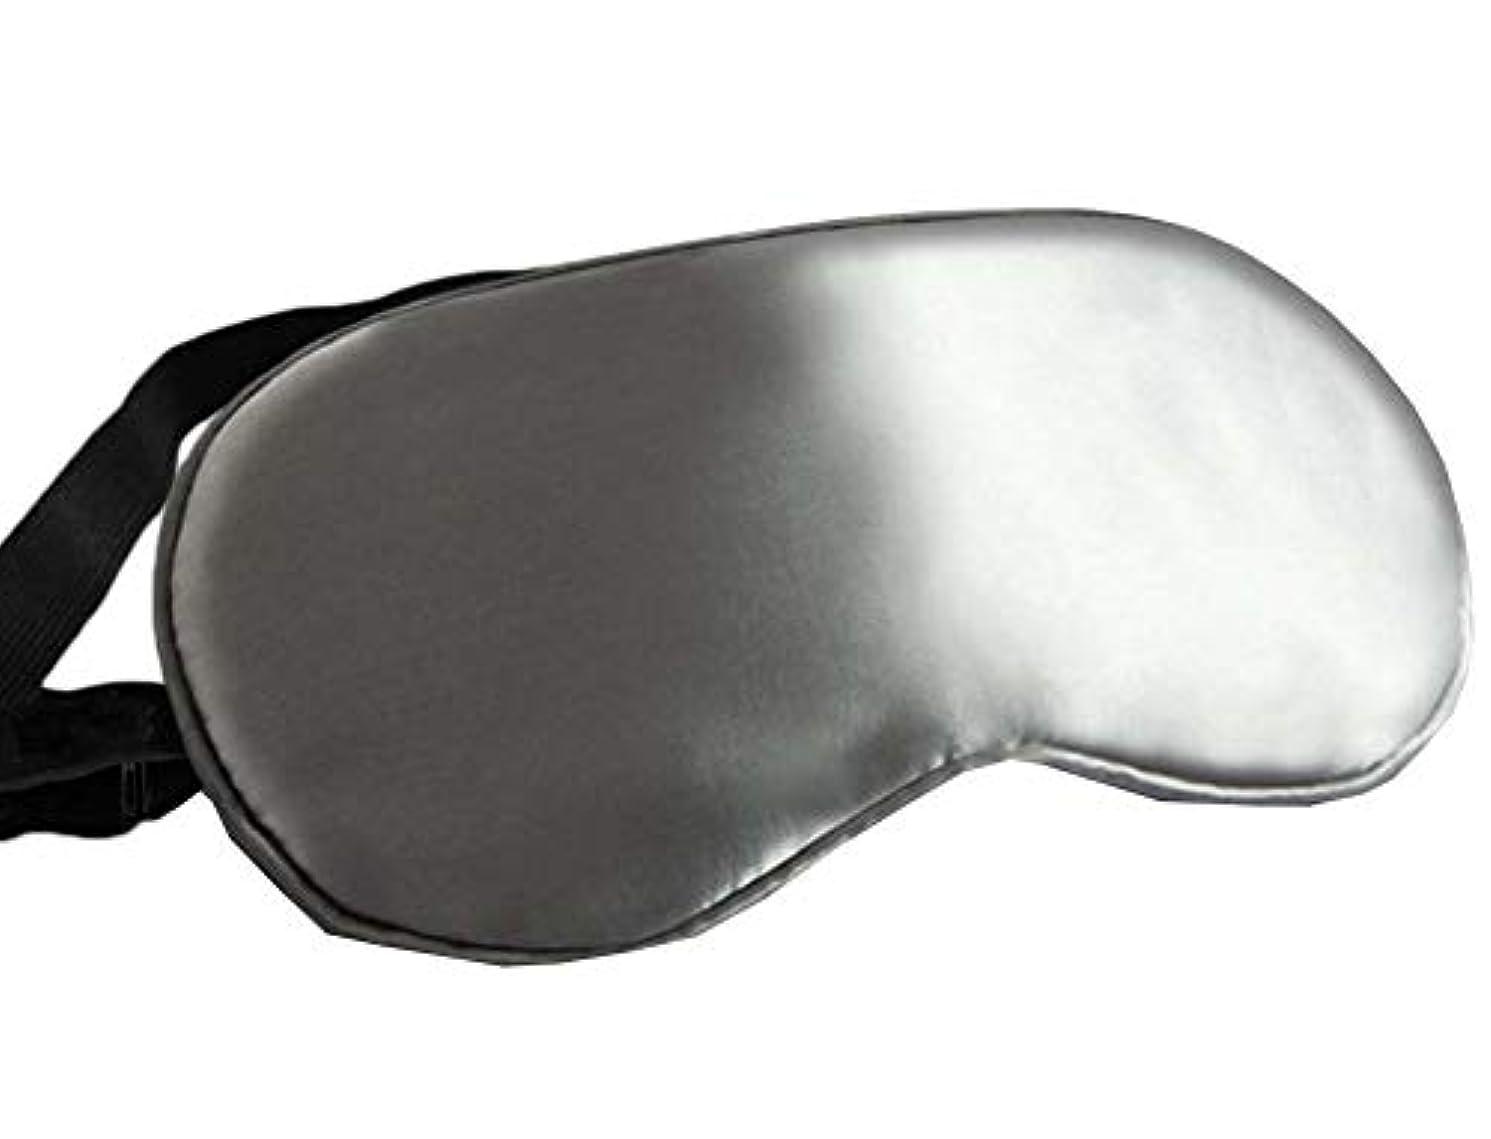 ロールコットン美しいシルクスリープアイマスク旅行とシフトワークとナップのための - 08